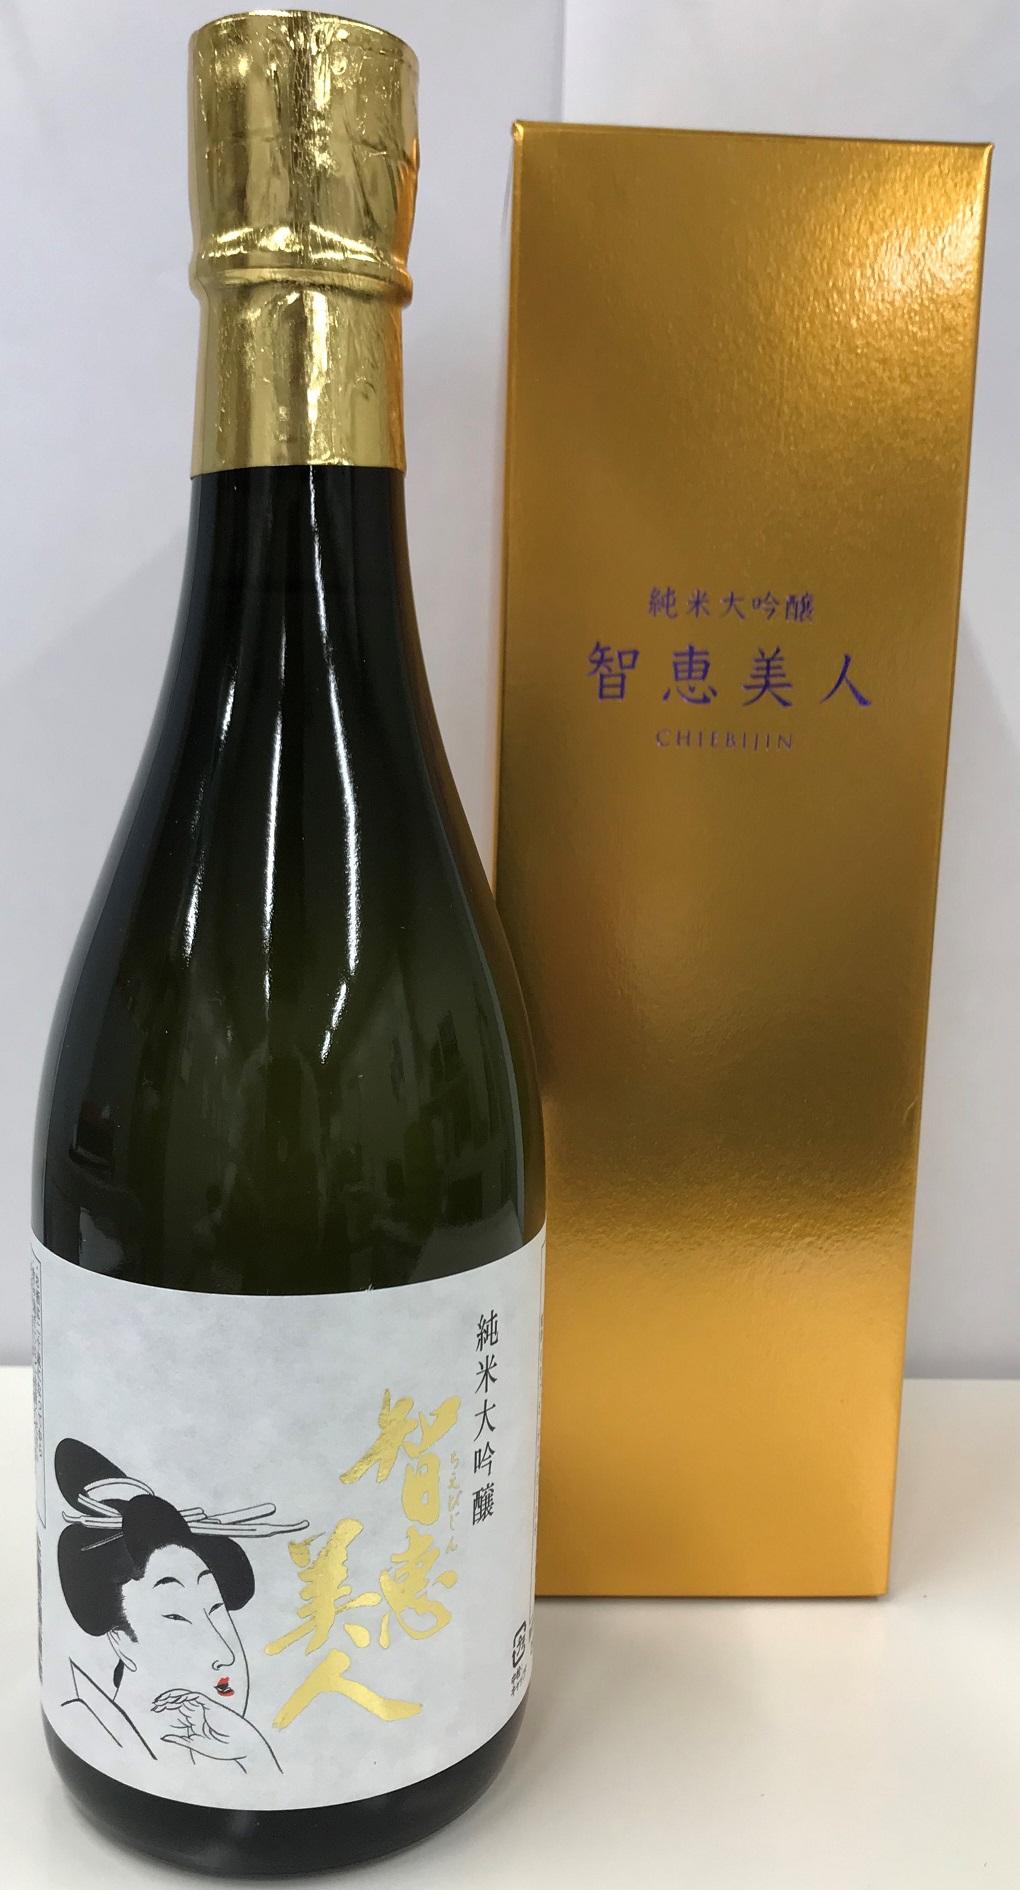 【清酒】中野酒造『知恵美人~純米大吟醸』